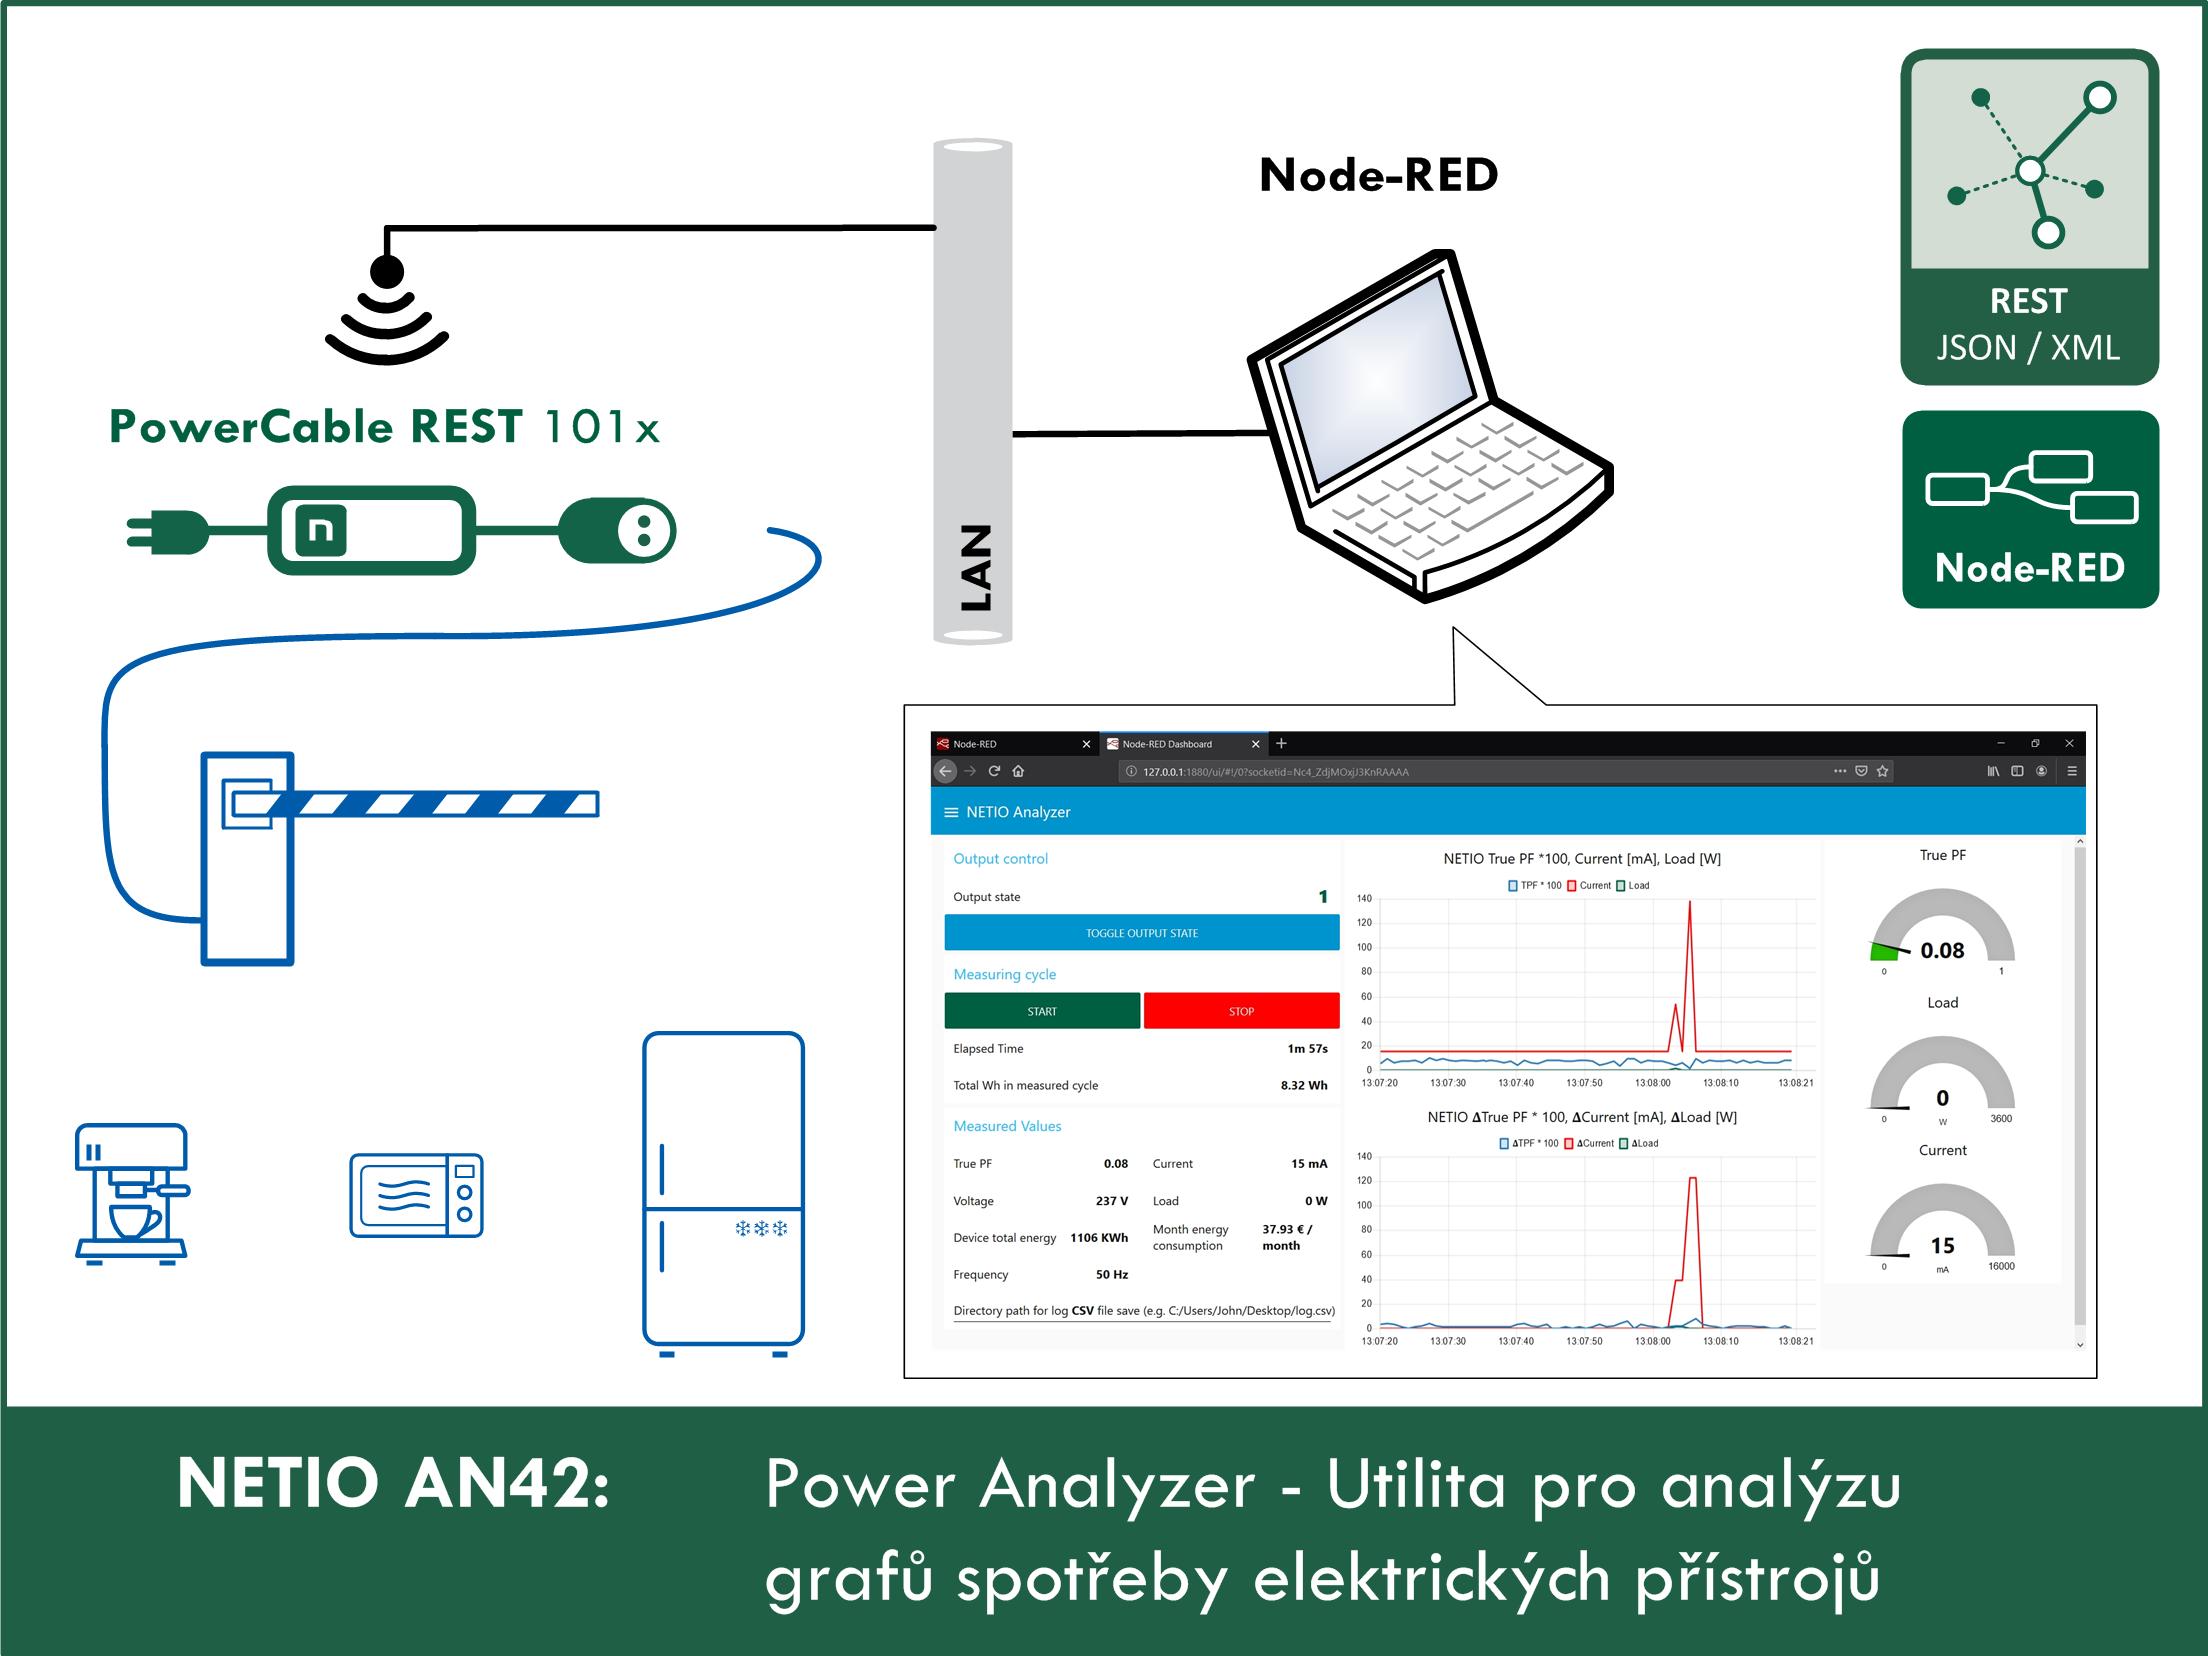 NETIO Power Analyzer: Utilita pro analýzu spotřeby